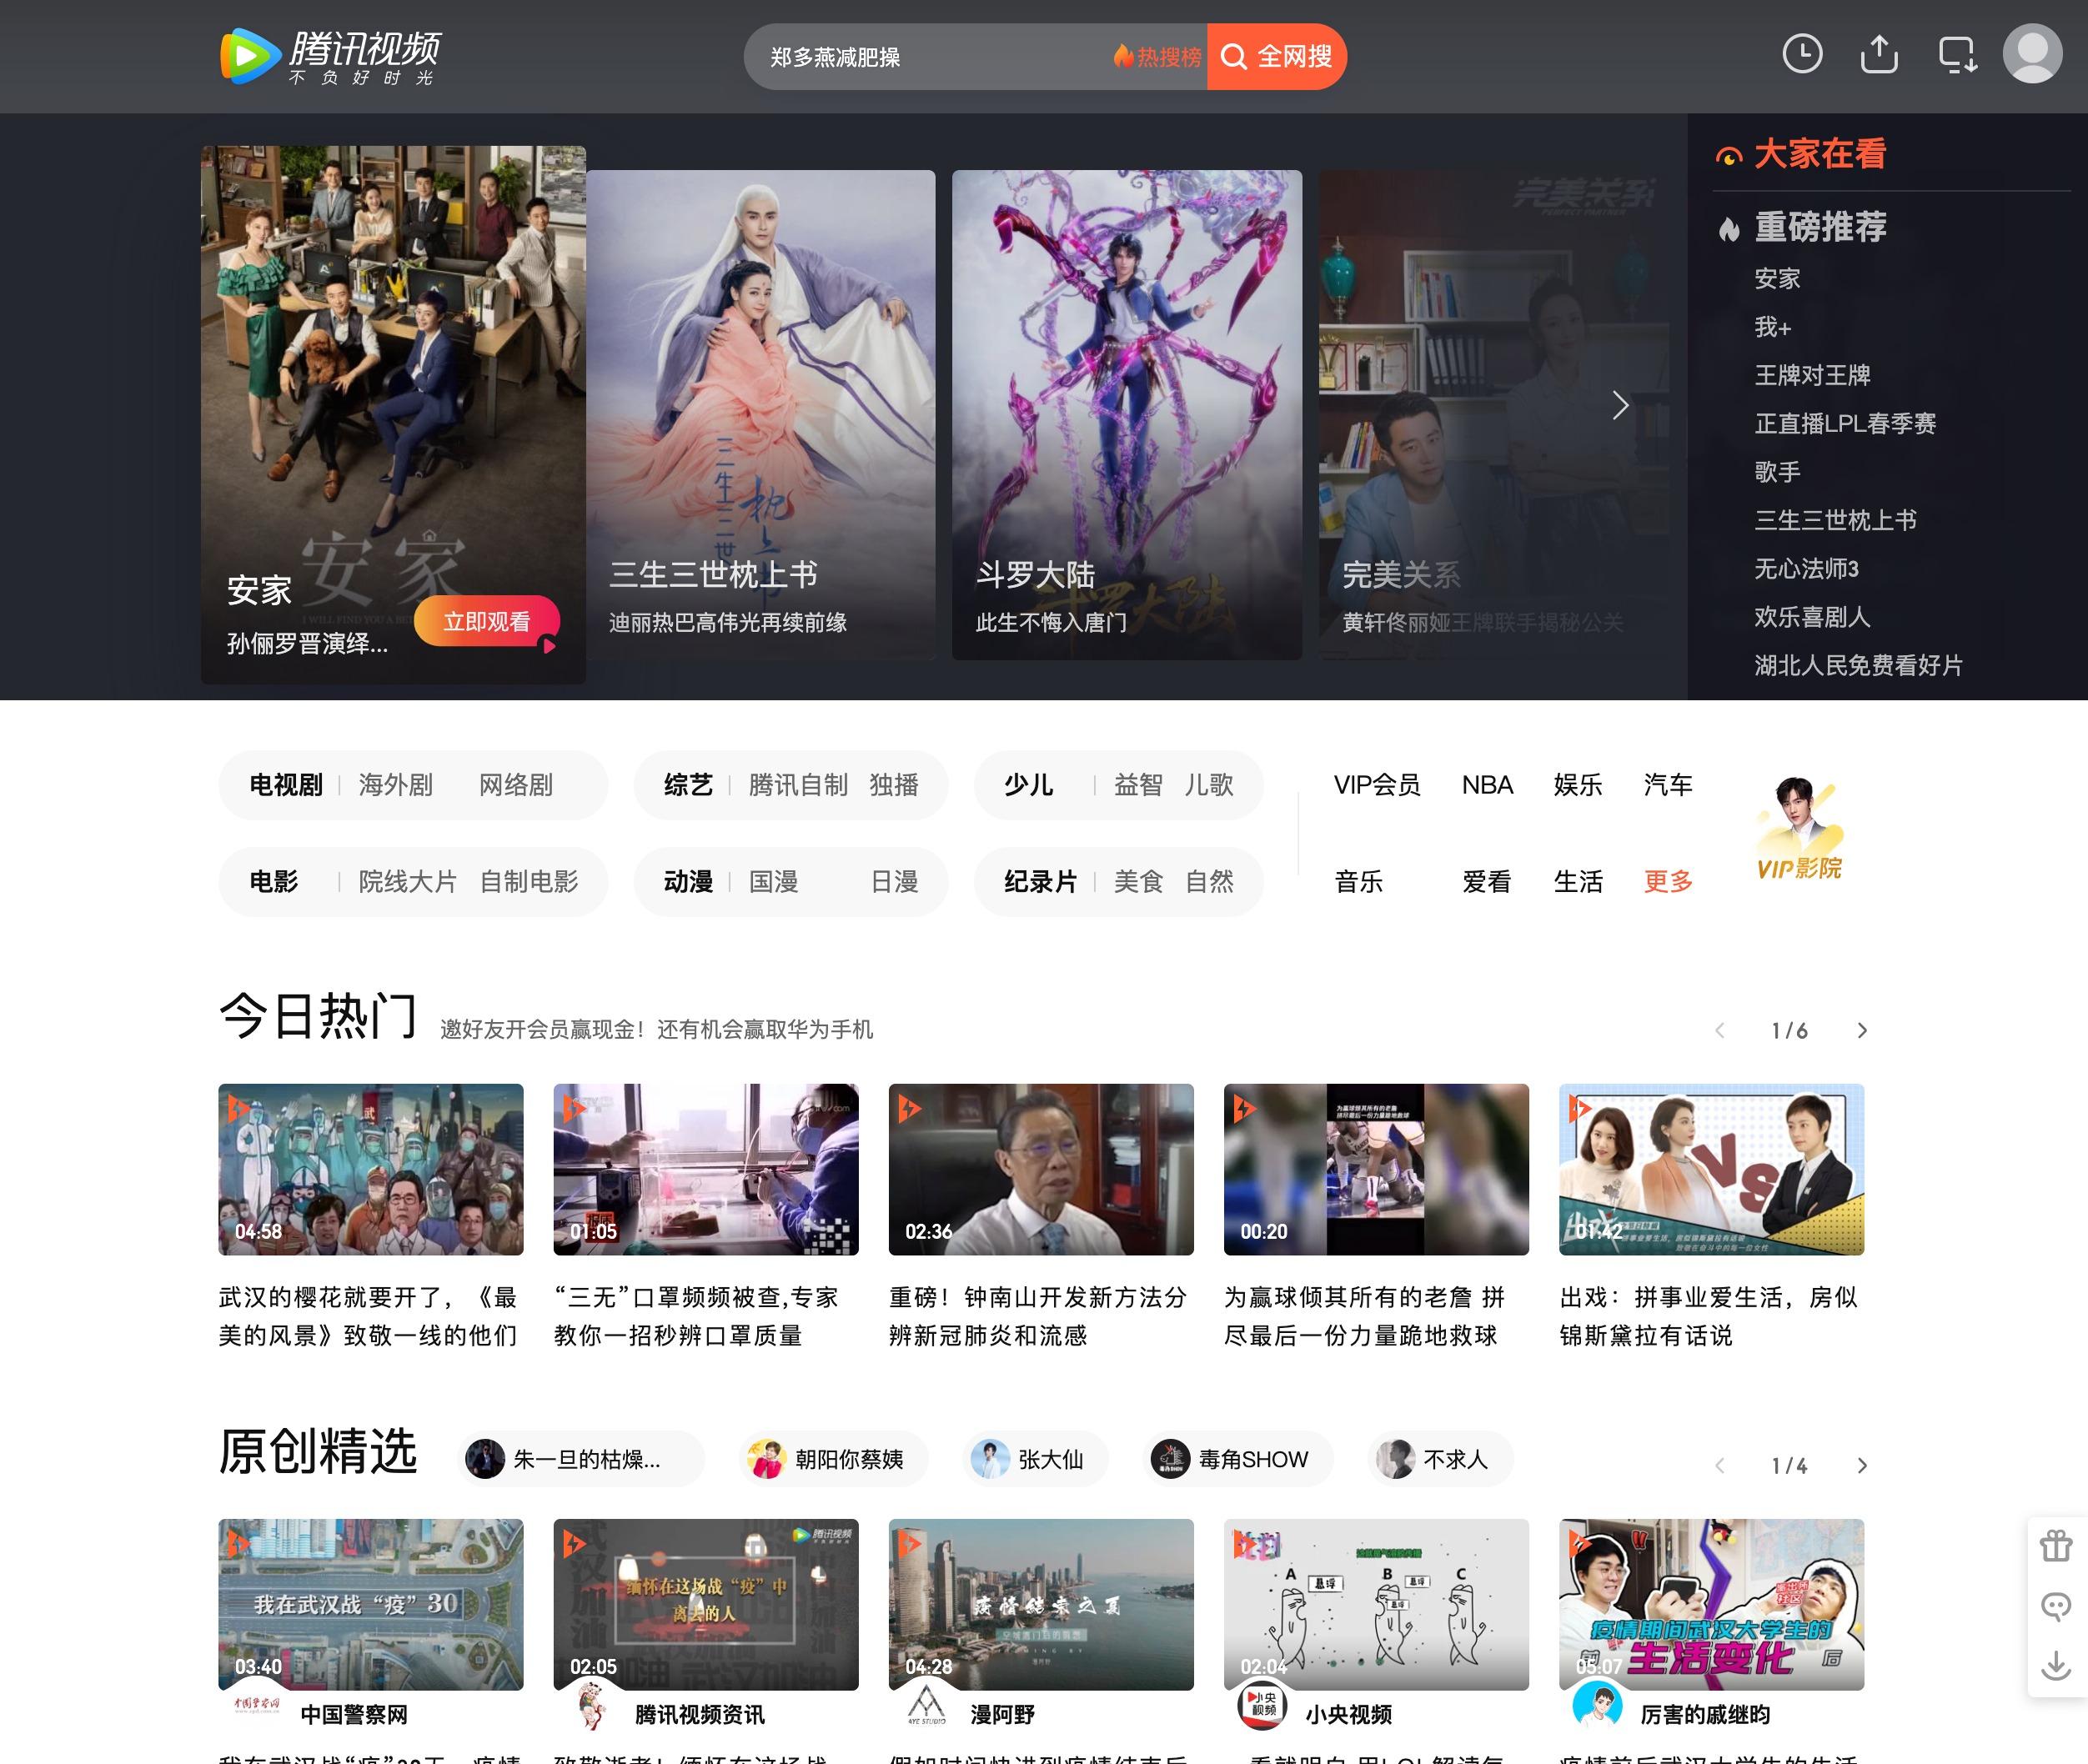 Tencent Video(腾讯视频/テンセントビデオ)